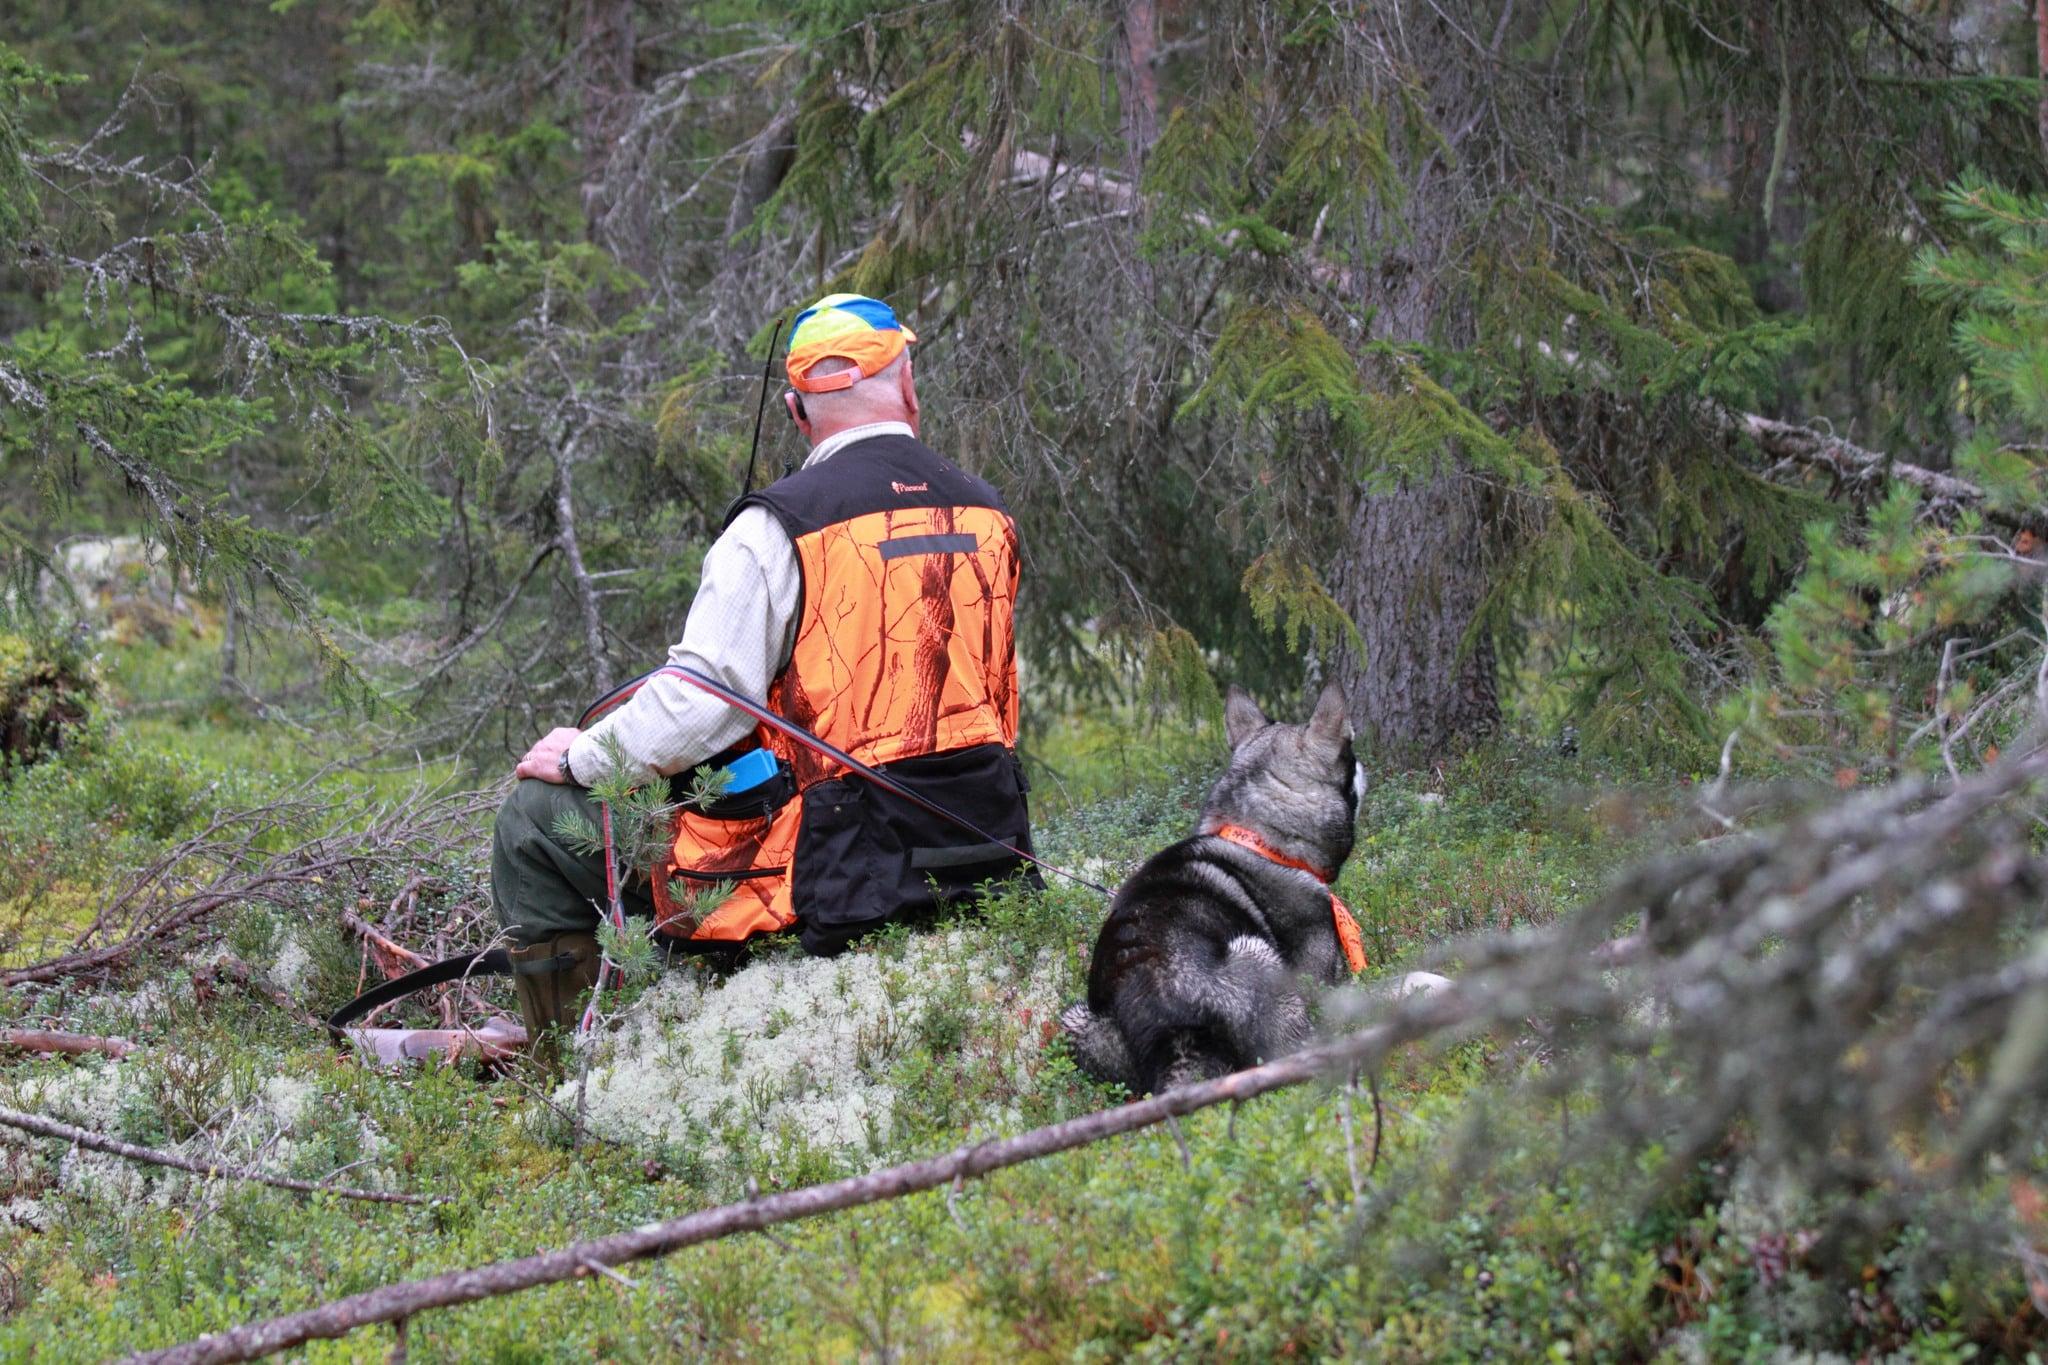 Tumma aldrig på säkerheten i jakten. Foto: Olle Olsson